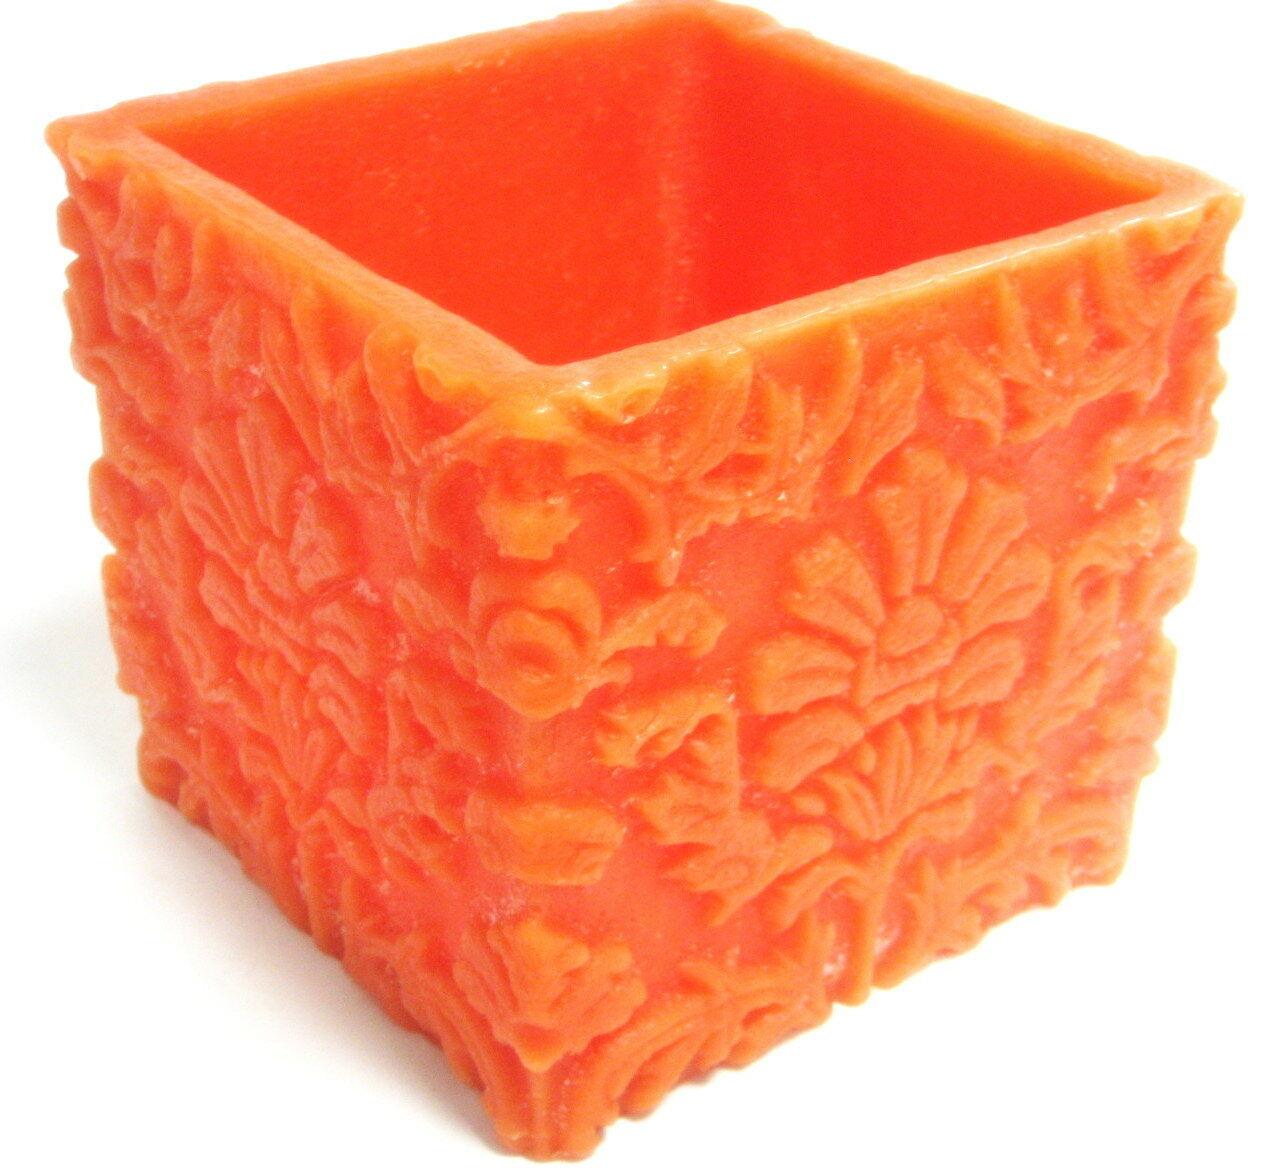 Wachsschale 150x150x140 mm eckige Rustik 1.000g Deko Kerze Windlicht Wachslicht  - orange